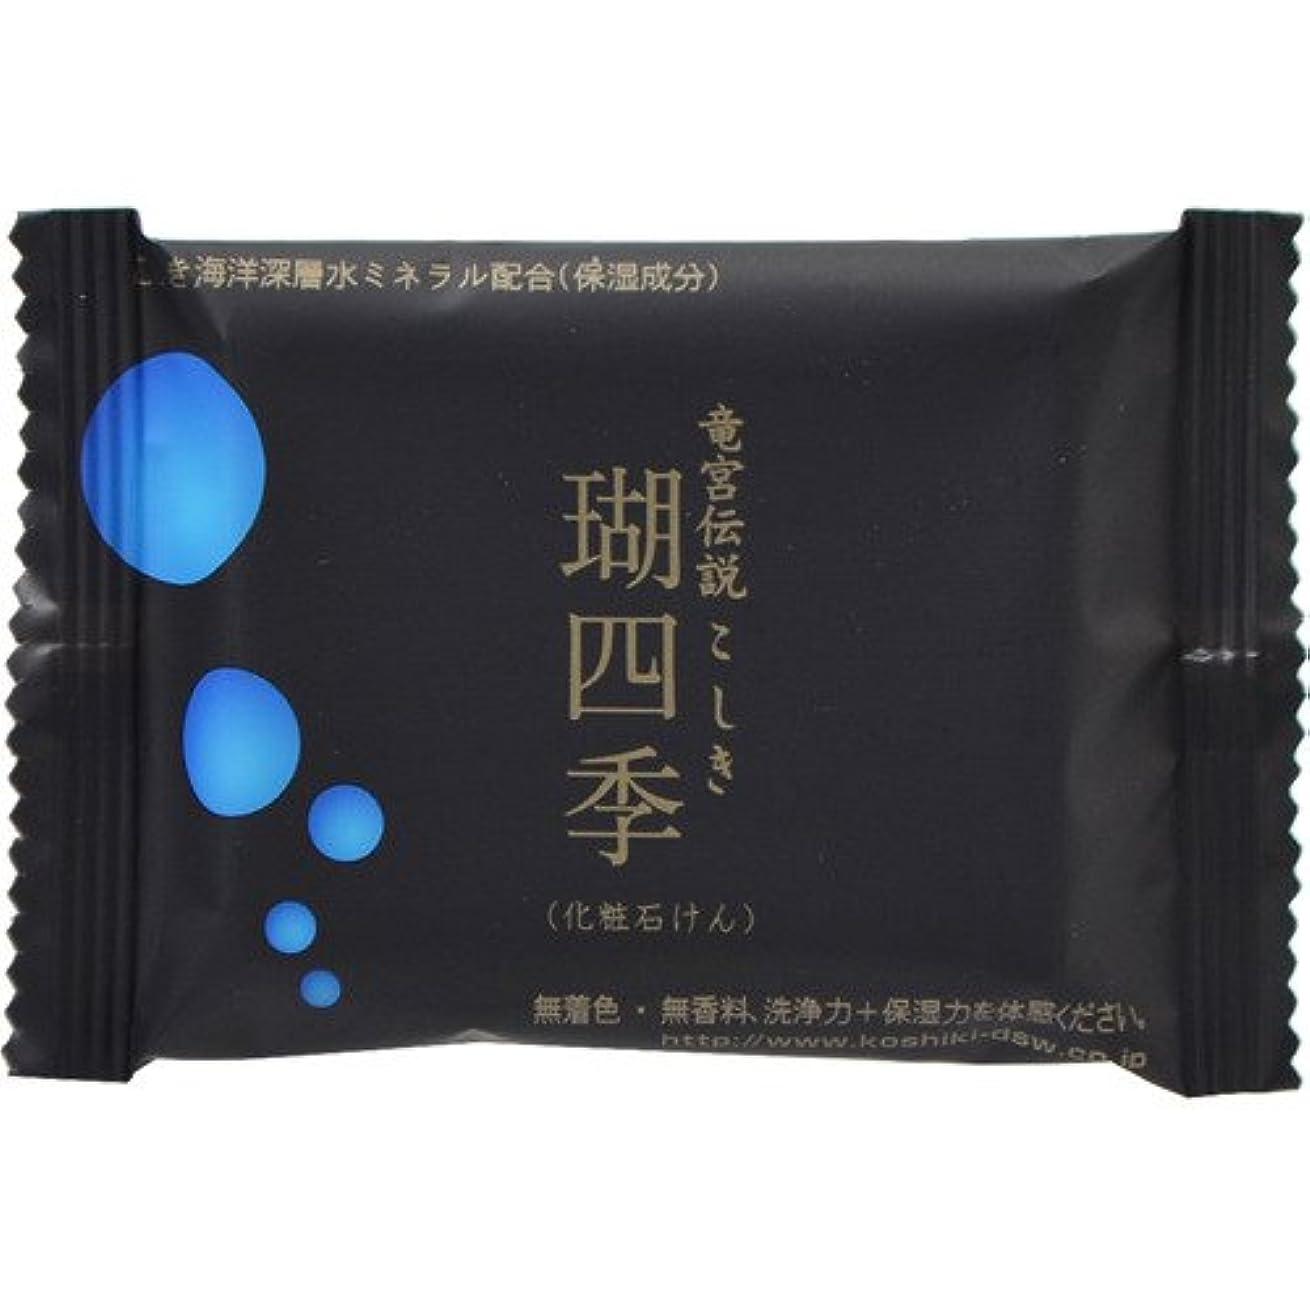 明るいちらつきくつろぐ瑚四季 化粧石鹸 30g